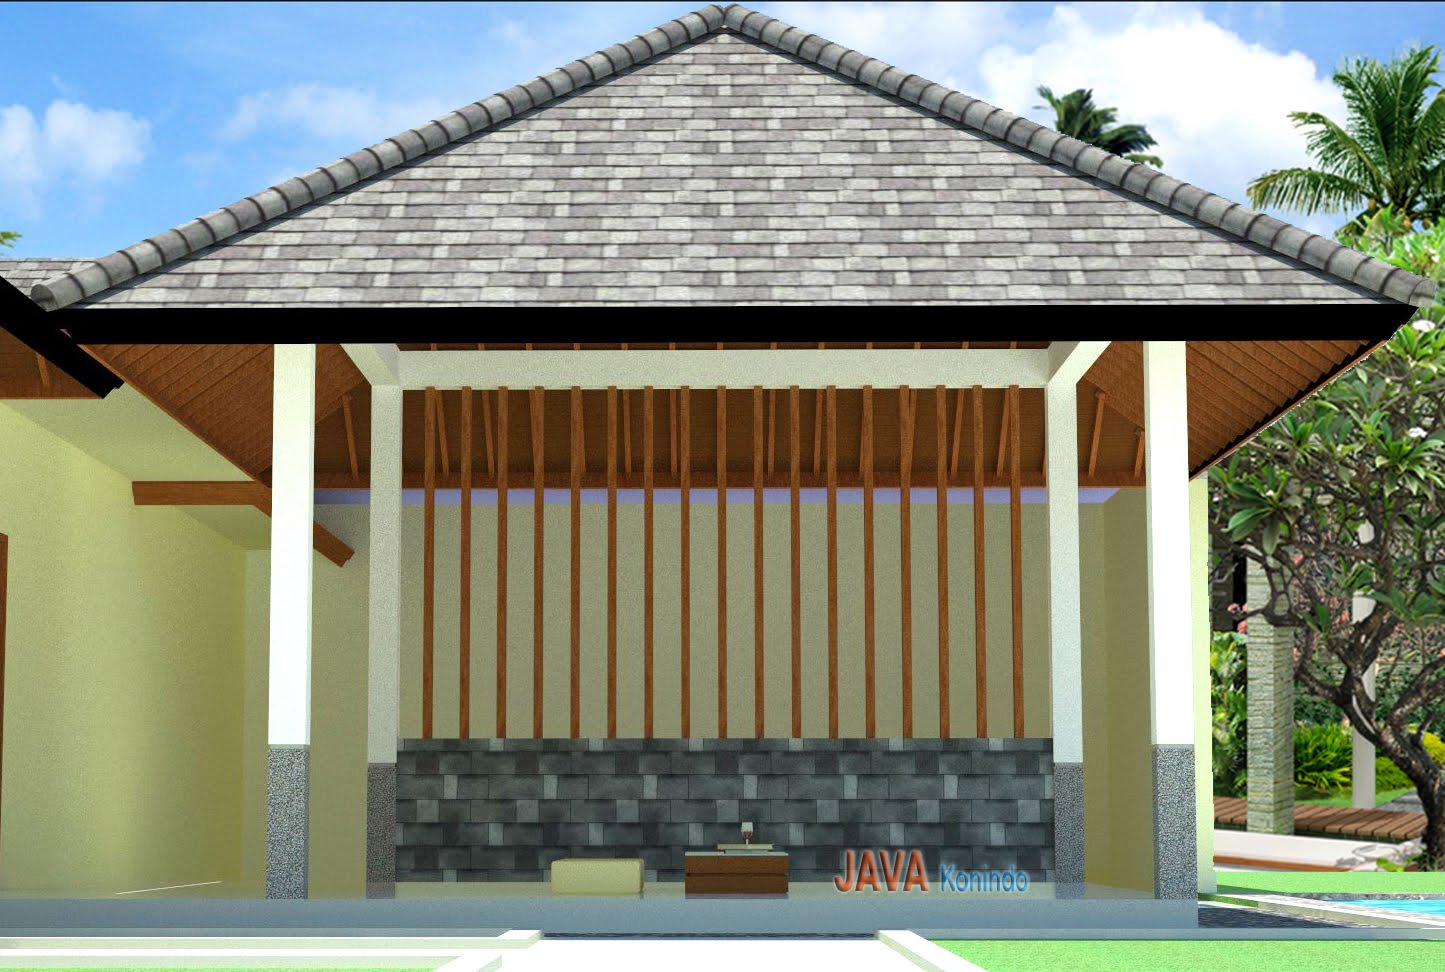 modern wood furniture furniture design ideas. Black Bedroom Furniture Sets. Home Design Ideas